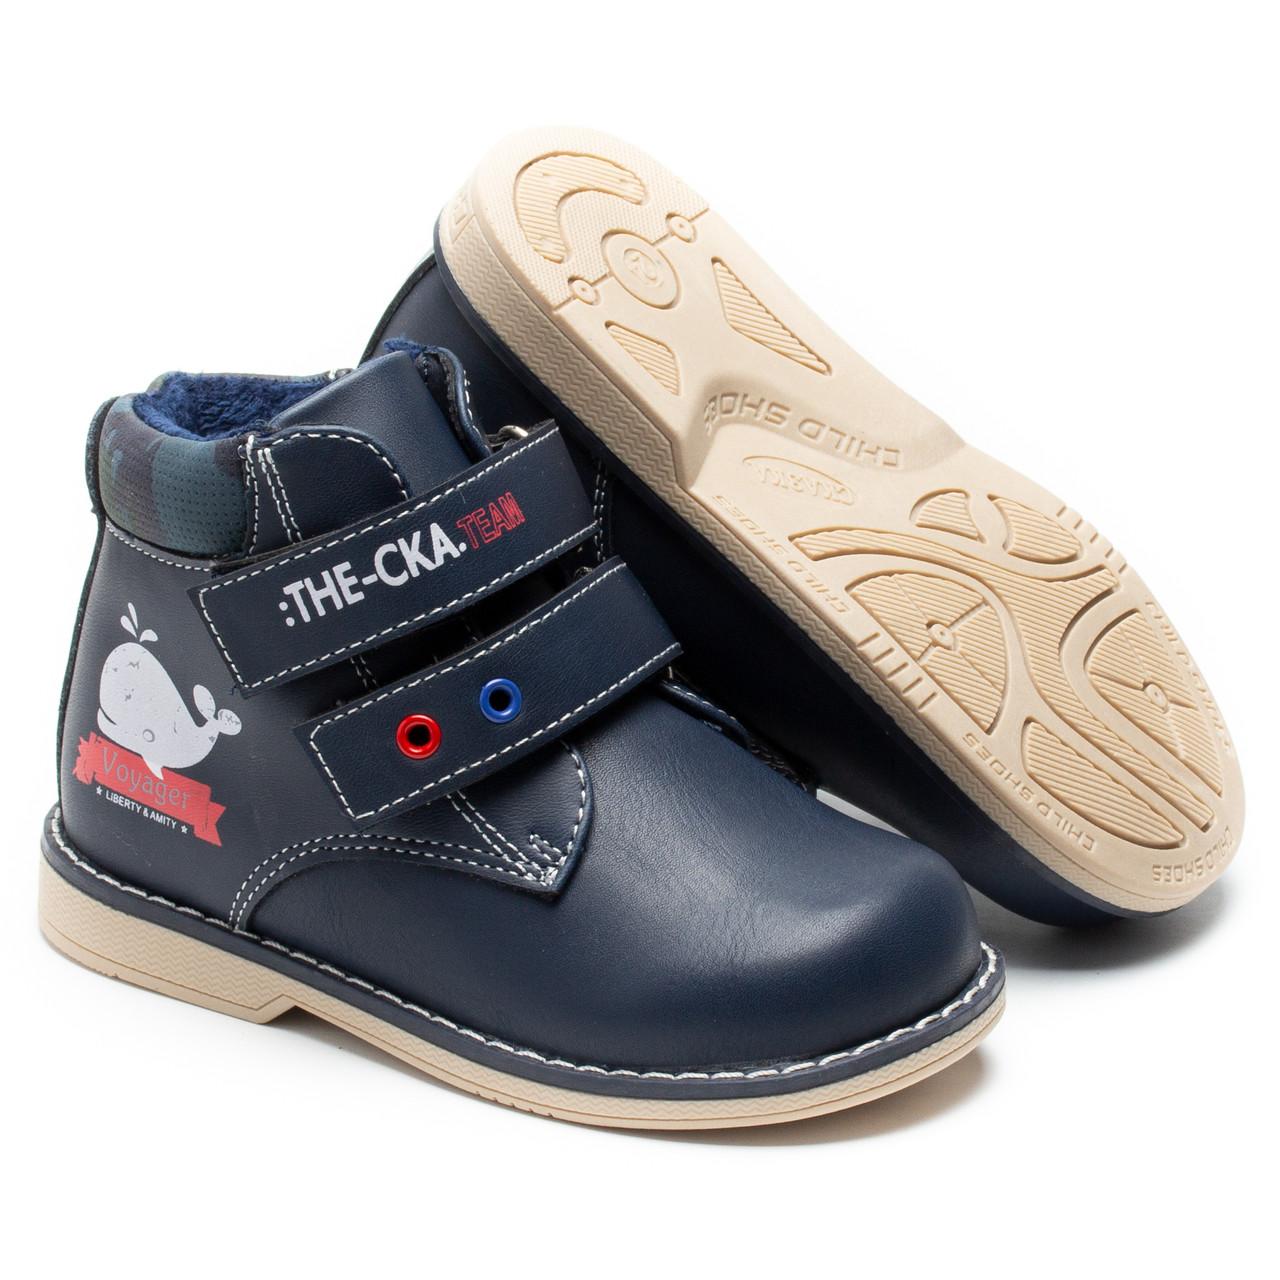 1402ea3c9 Демисезонные ботинки для мальчика ТМ